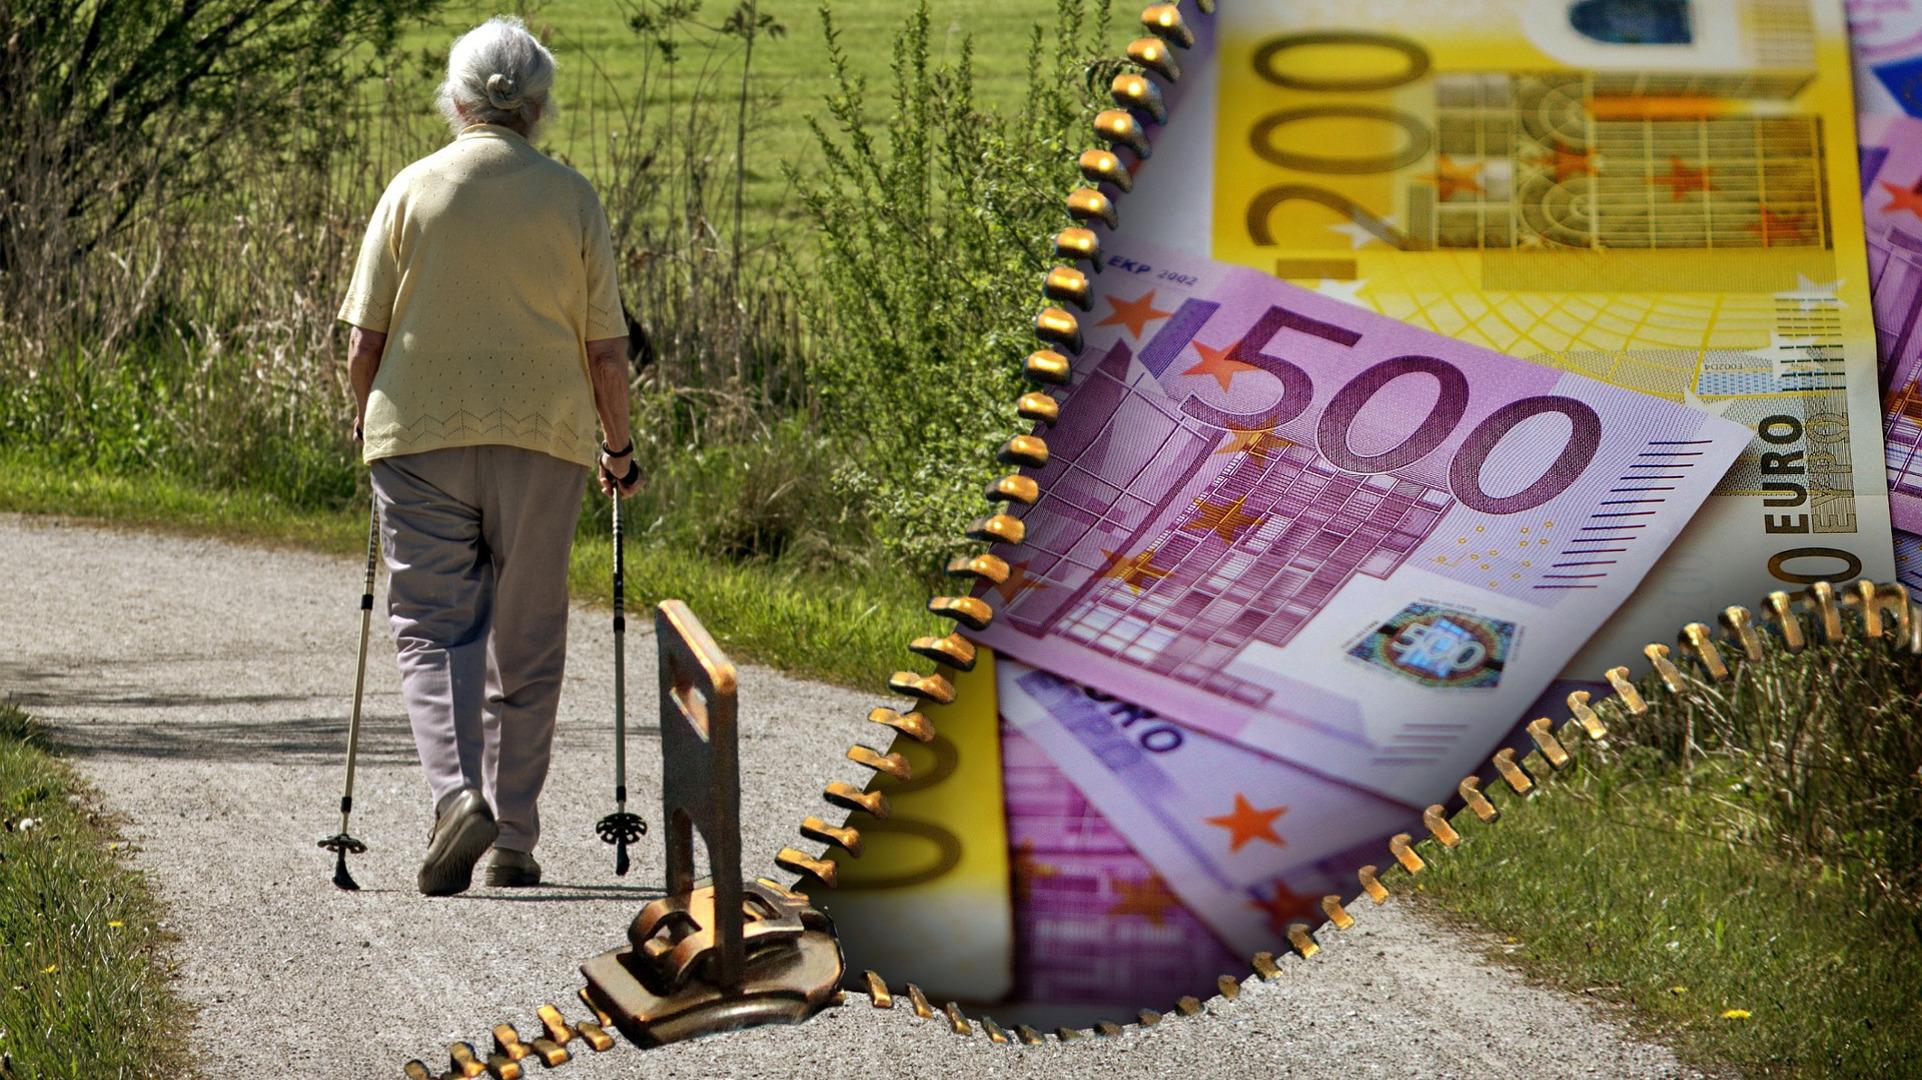 espana-y-japon-paises-con-mayor-ratio-de-jubilados-por-trabajador-para-el-2050